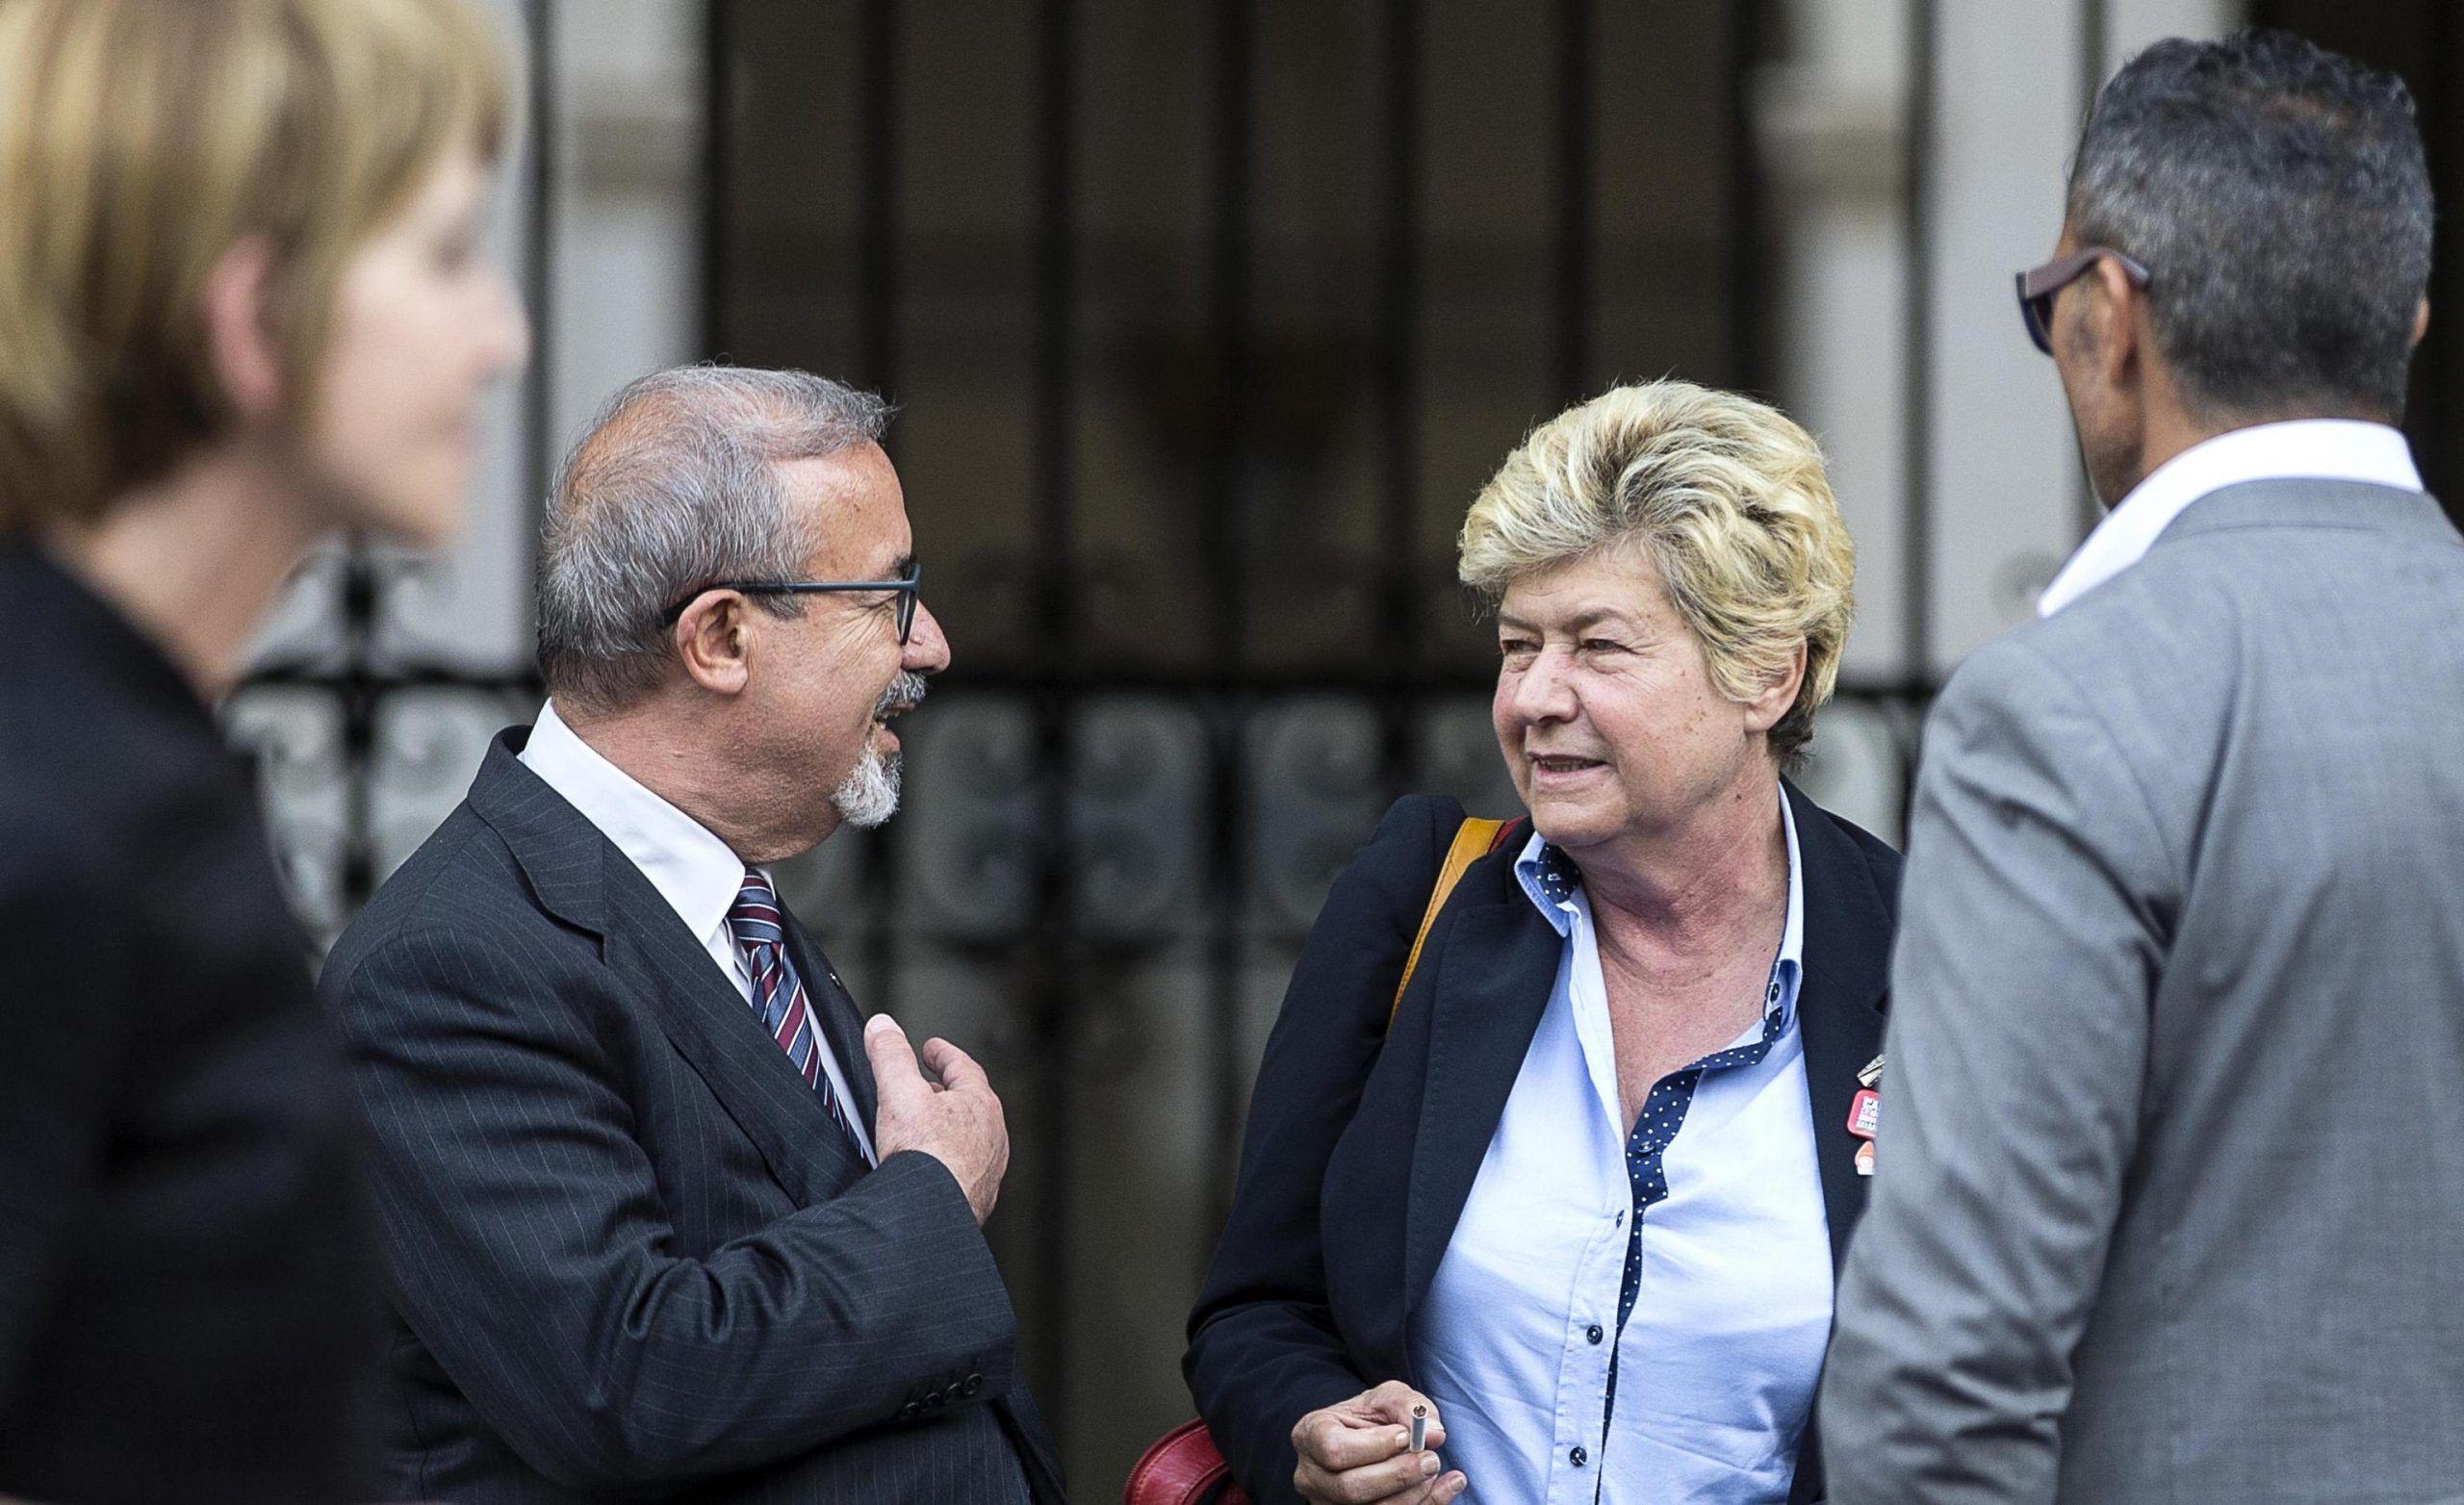 Pensioni fase 2: i sindacati e la nuova proposta che piace a Damiano, ecco i punti